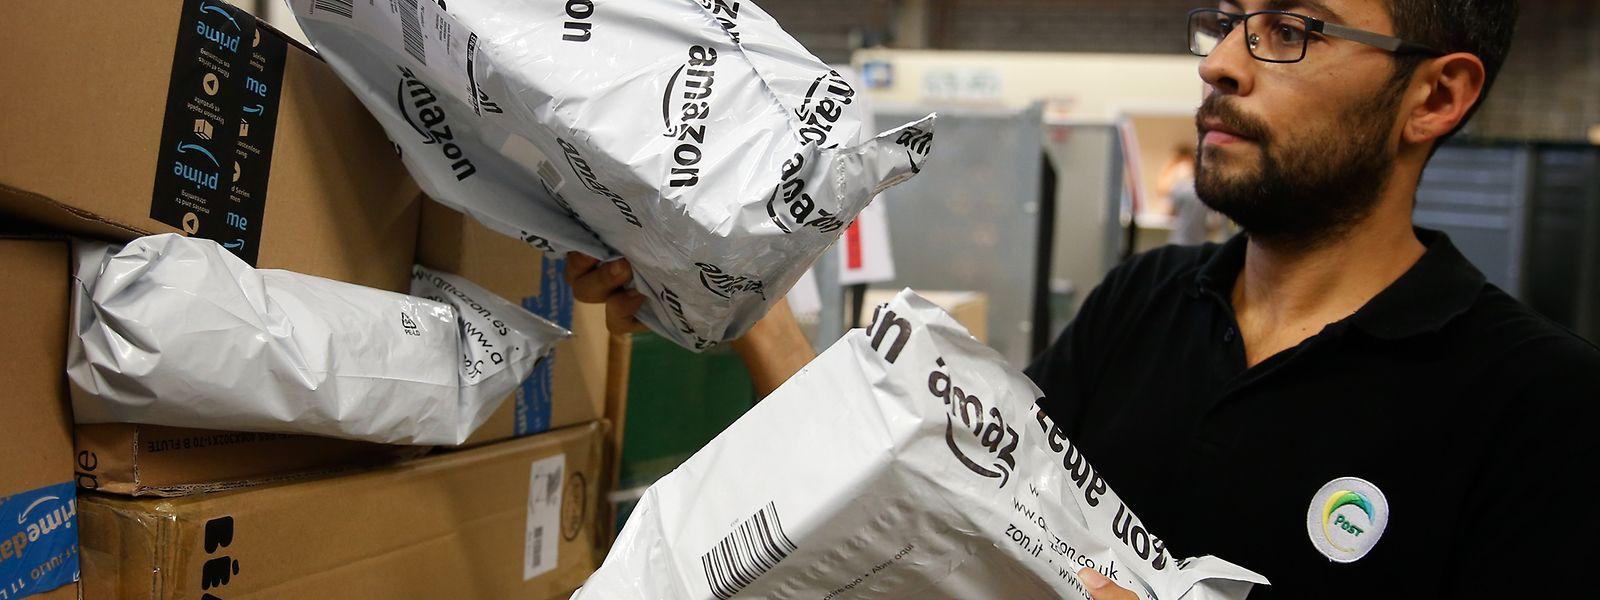 Im vergangenen Jahr lieferte die Post 2,73 Millionen Pakete aus. In diesem Jahr dürften es deutlich mehr werden, und ein Ende des Wachstums ist noch nicht in Sicht.